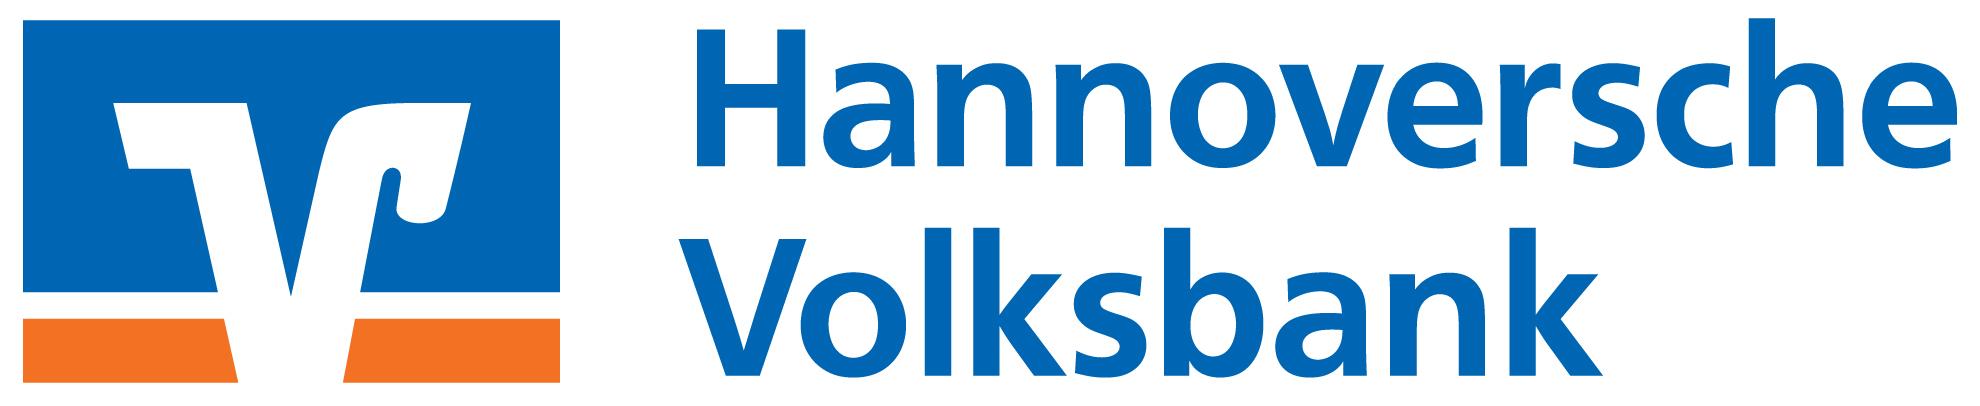 Hannoversche Volksbank eG SelbstbedienungsCenter Godshorn